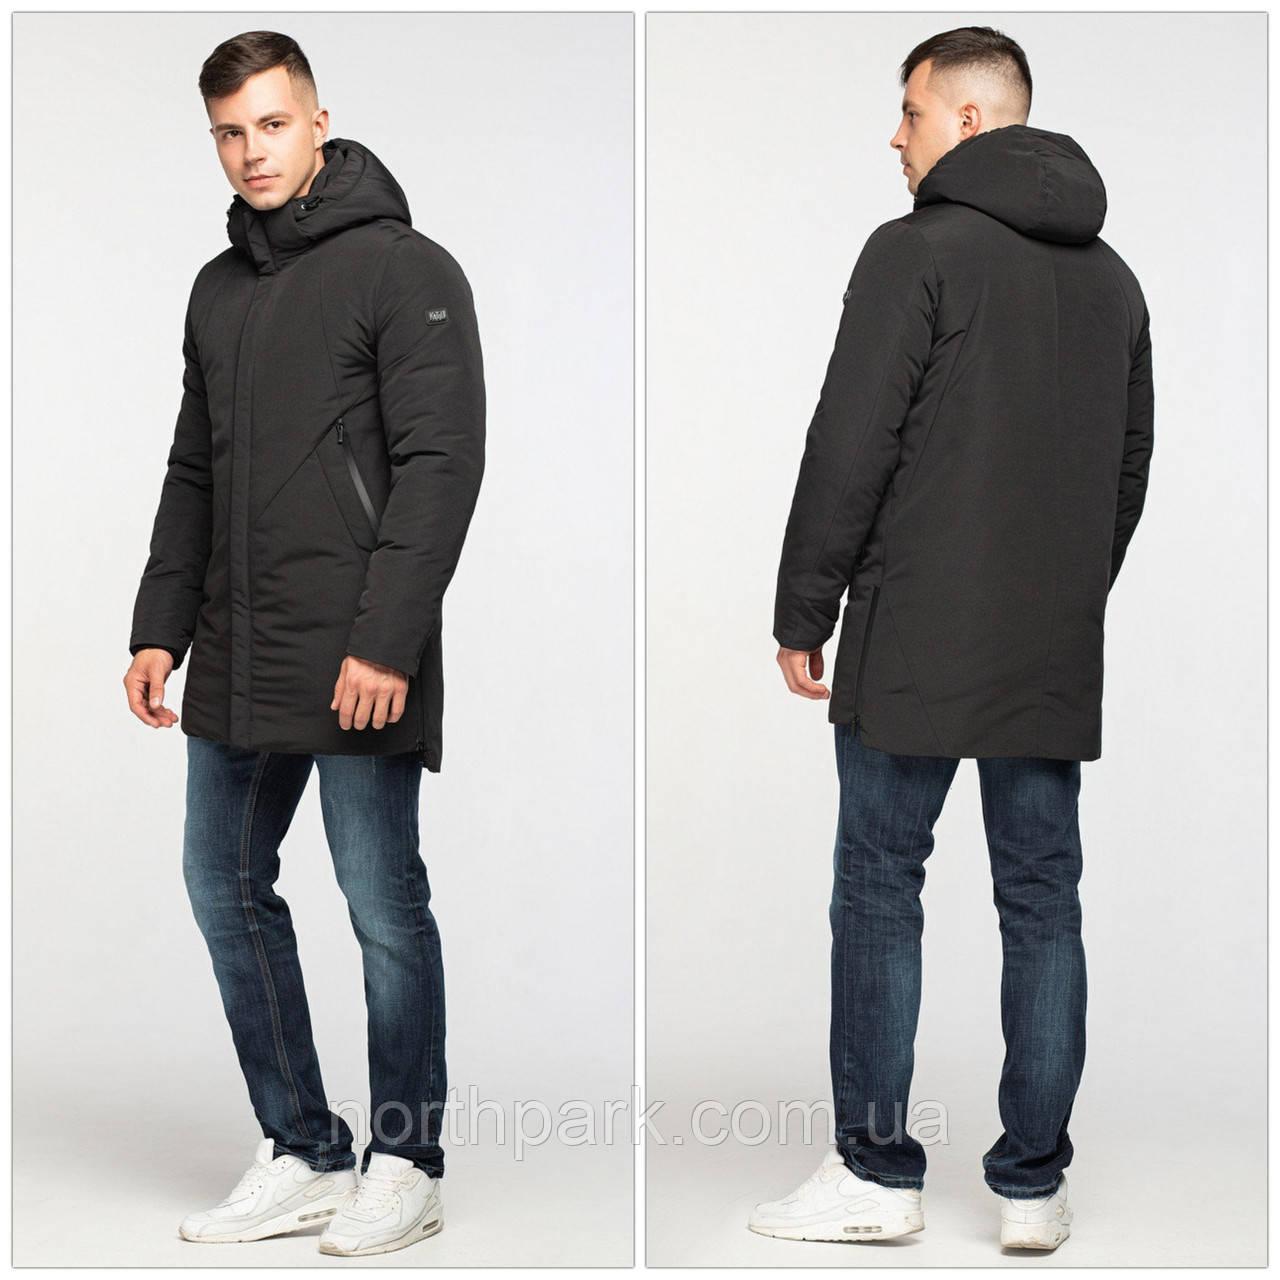 Подовжена зимова чоловіча куртка-парка KTL, чорна